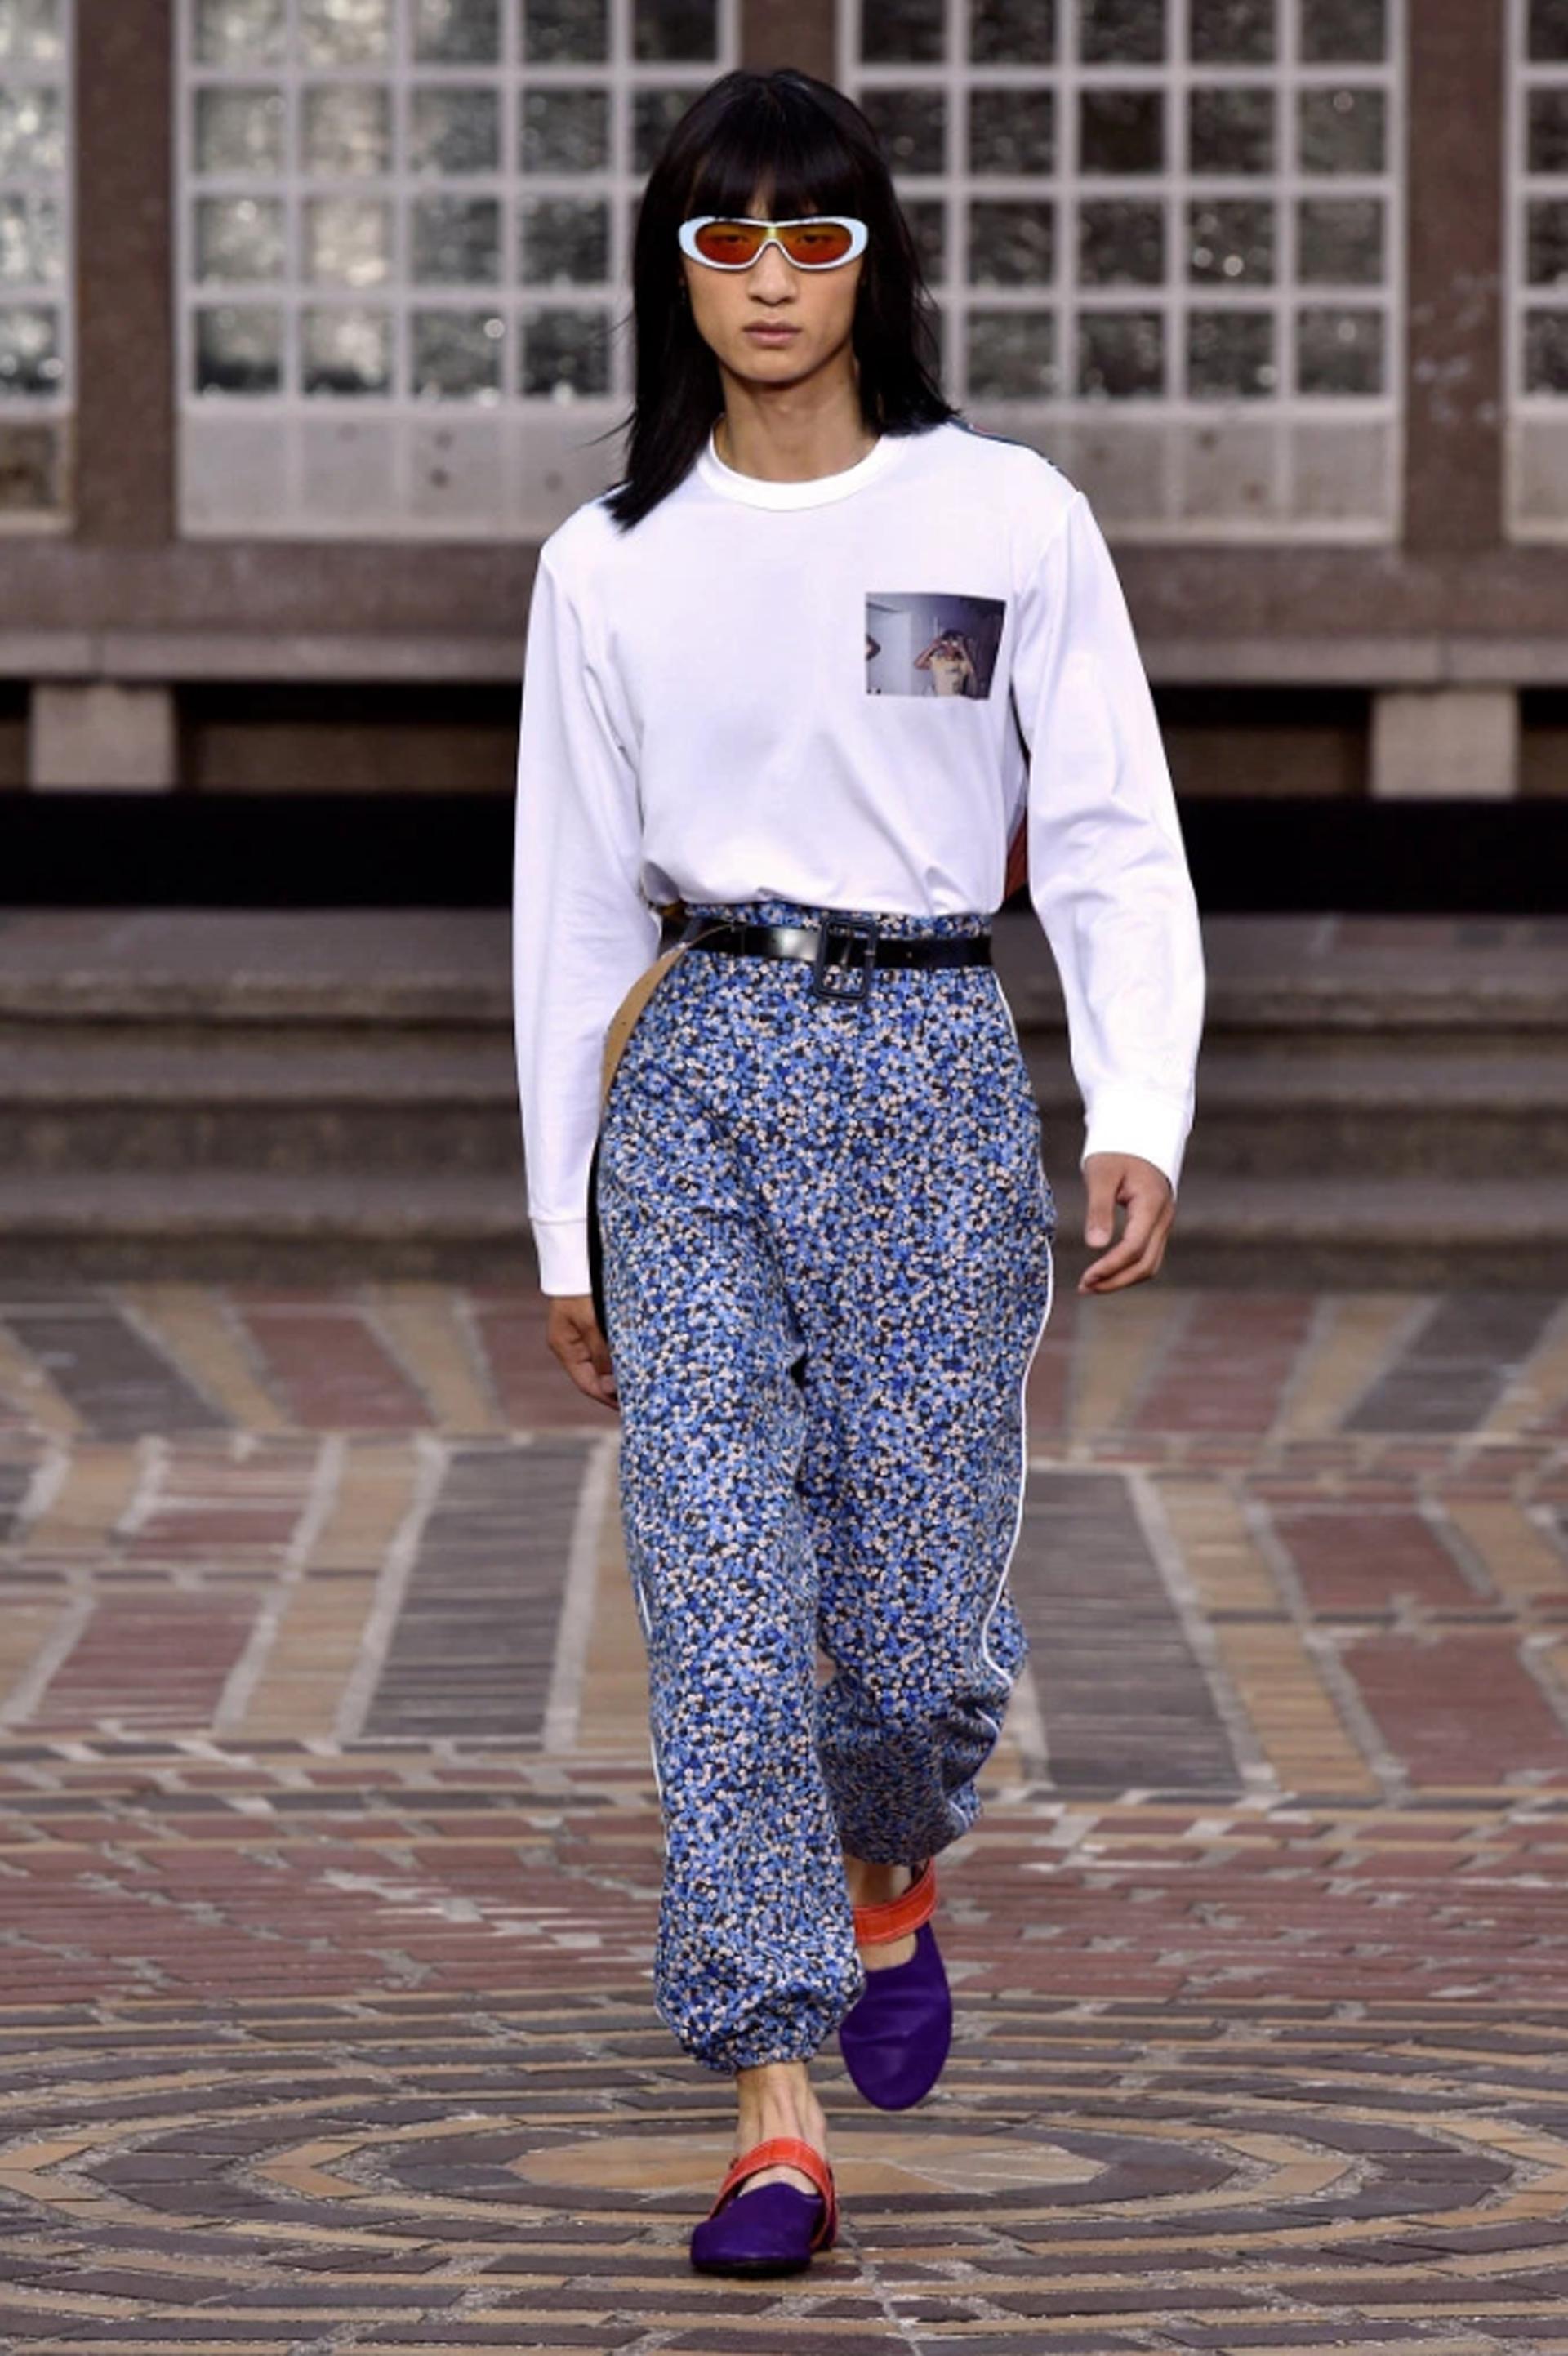 Pantalones de tiro alto con estampado floreado y camisetas básicas